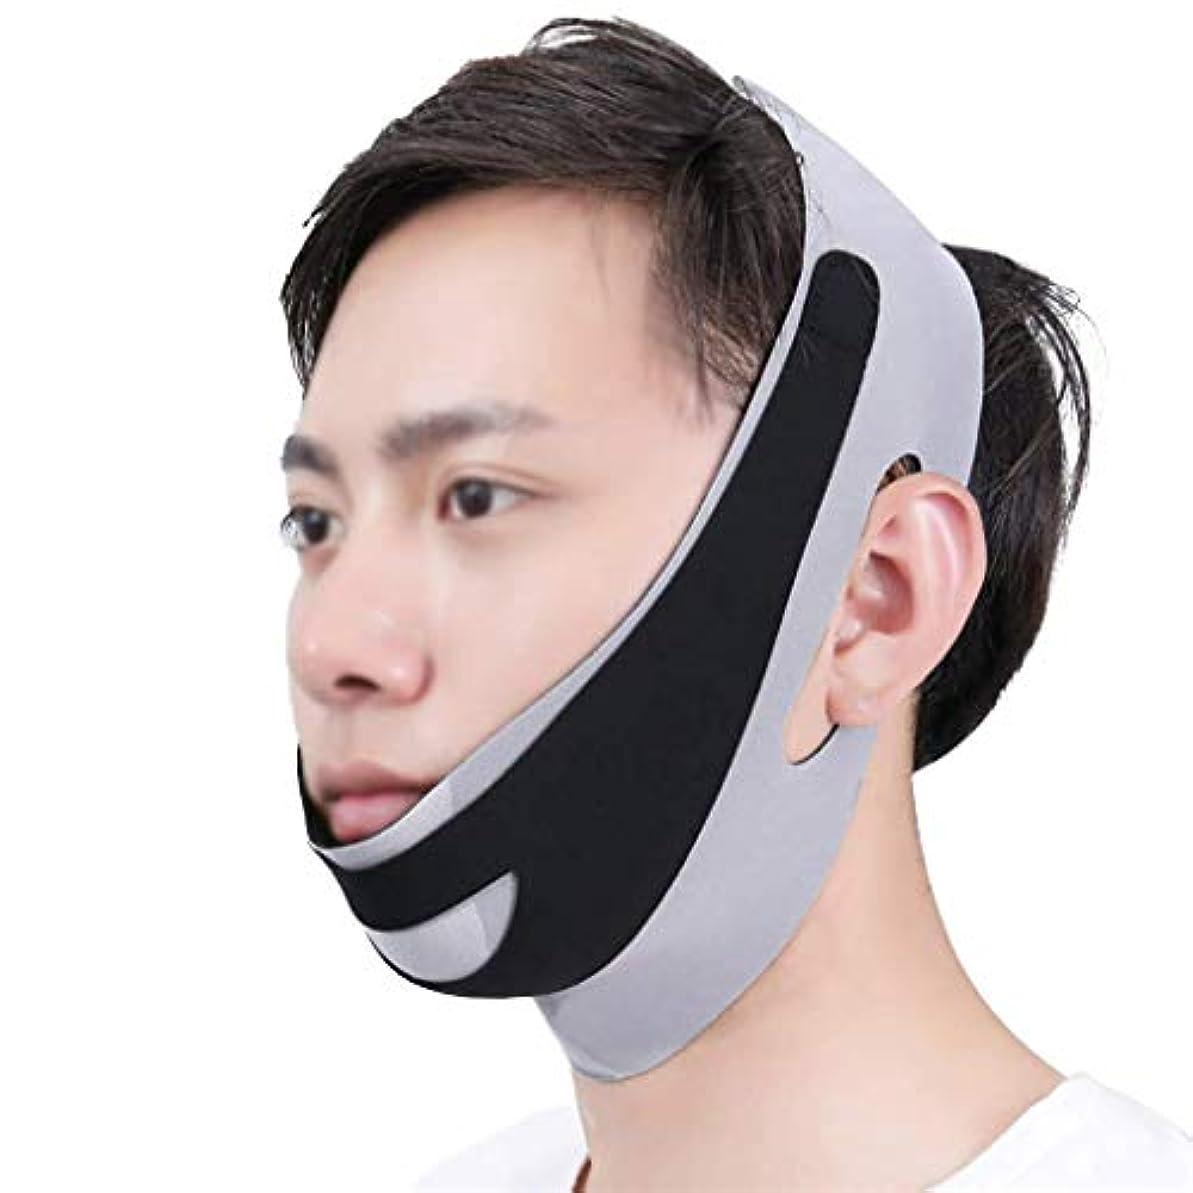 ファランクス孤独利用可能顔と首のリフト術後弾性顔マスク小V顔アーティファクト薄い顔包帯アーティファクトV顔吊り耳リフティング引き締め男性の顔アーティファクト